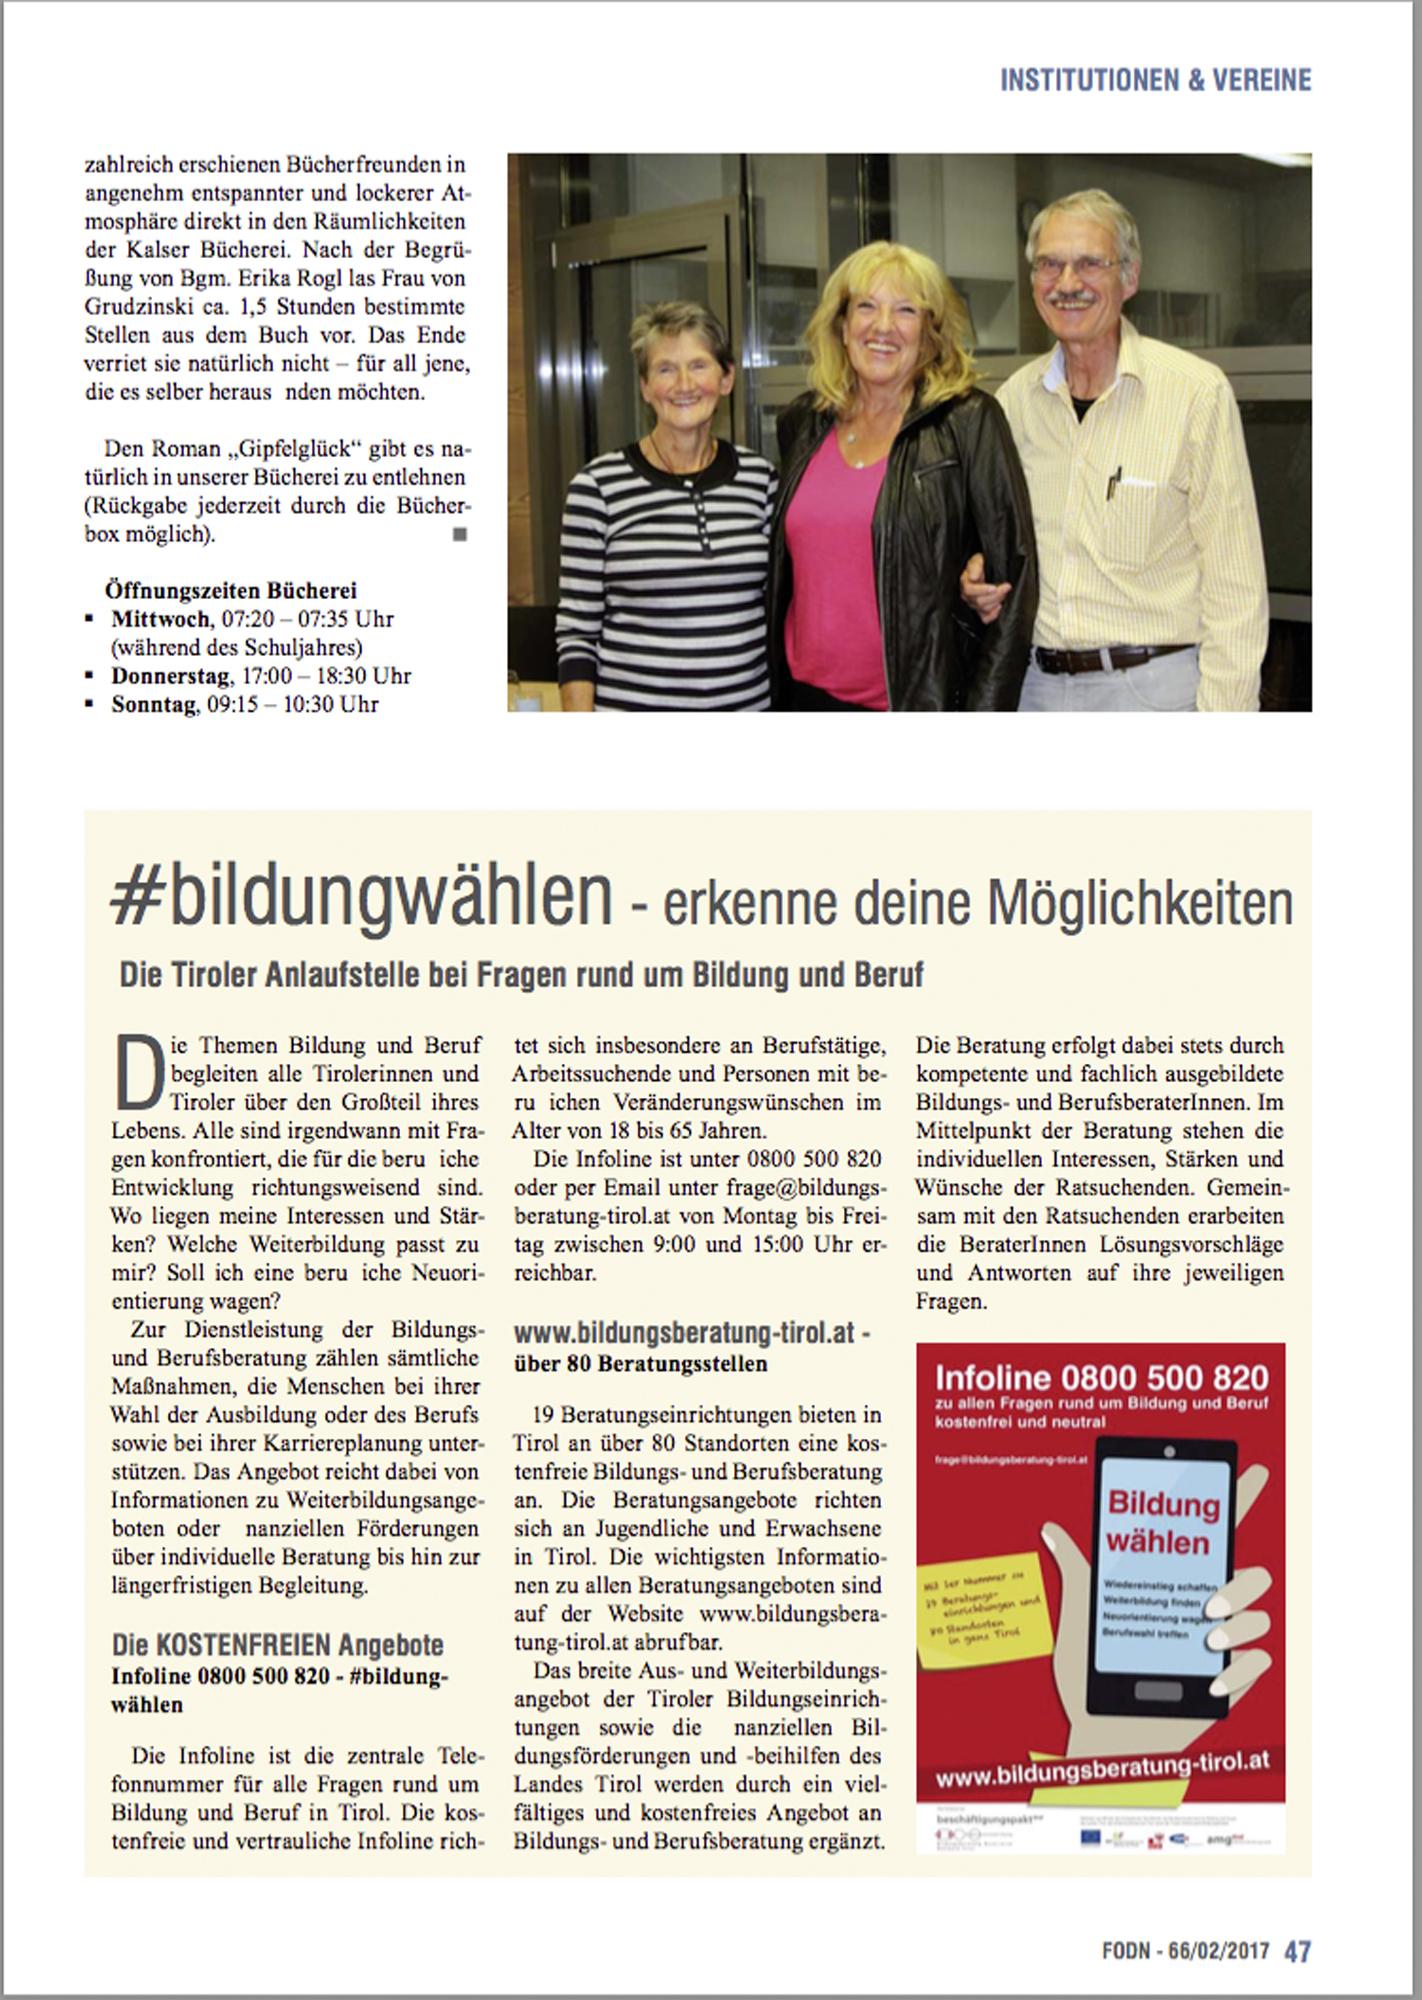 Kals Zeitung FOON, 2/17, 02